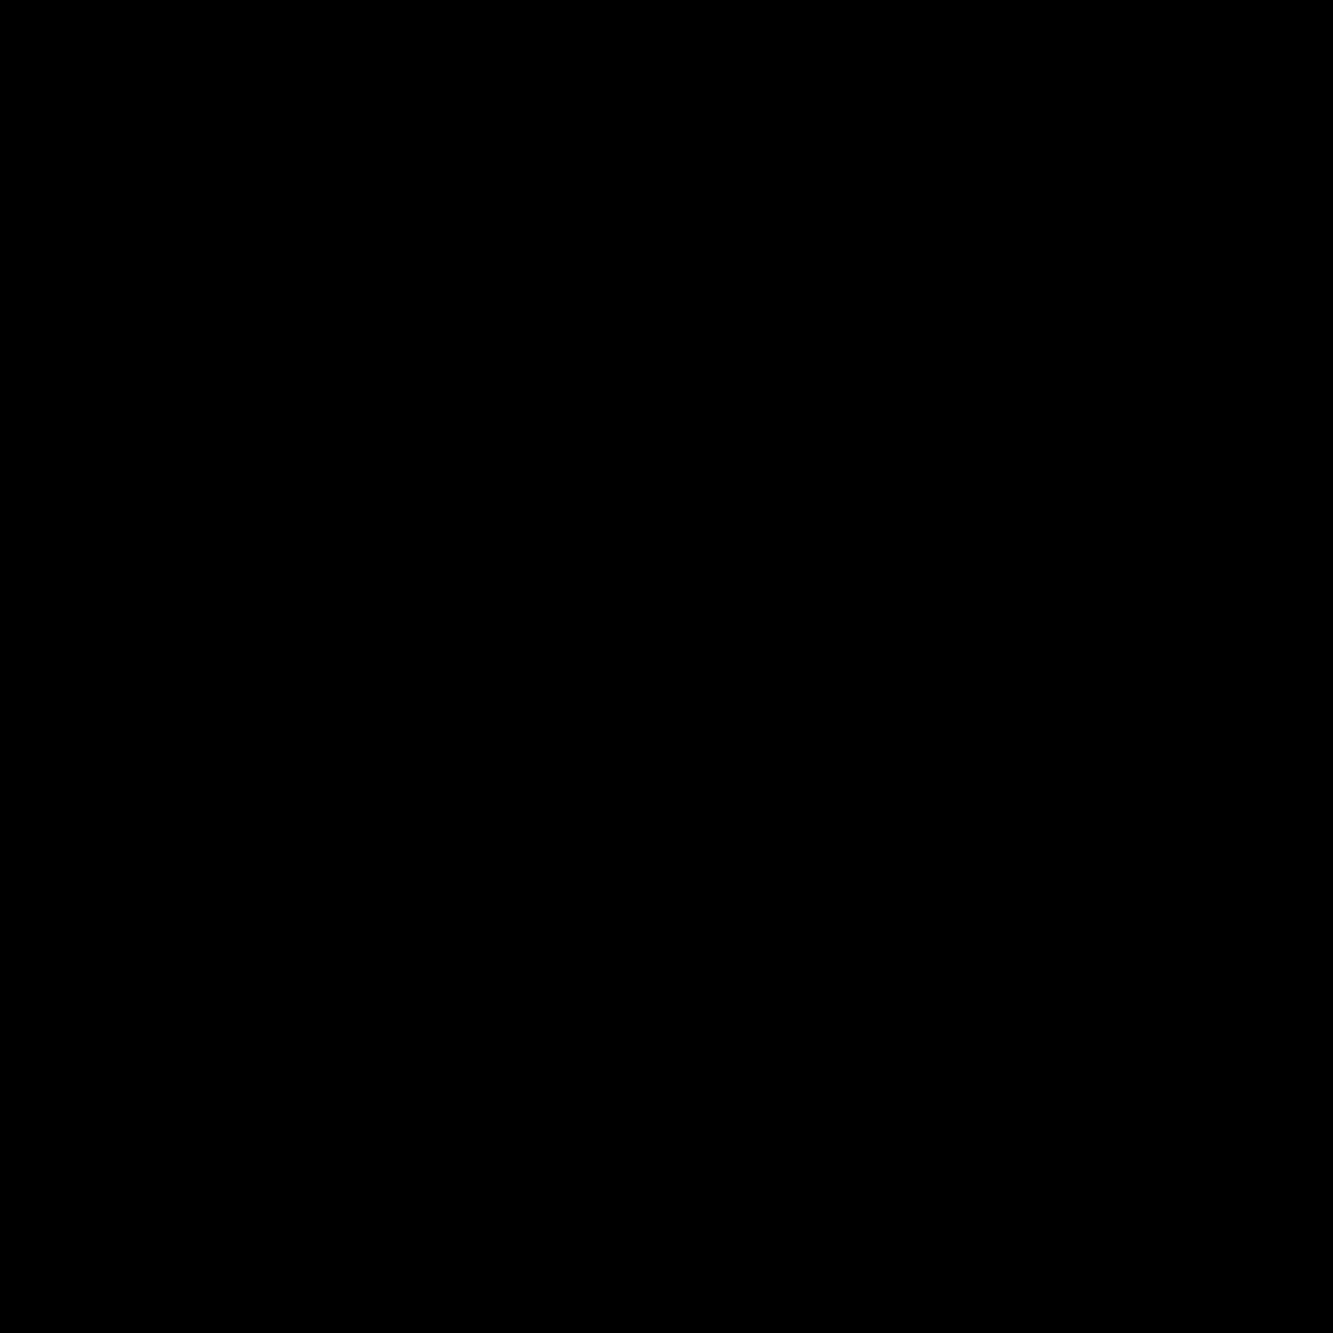 源起论文供图